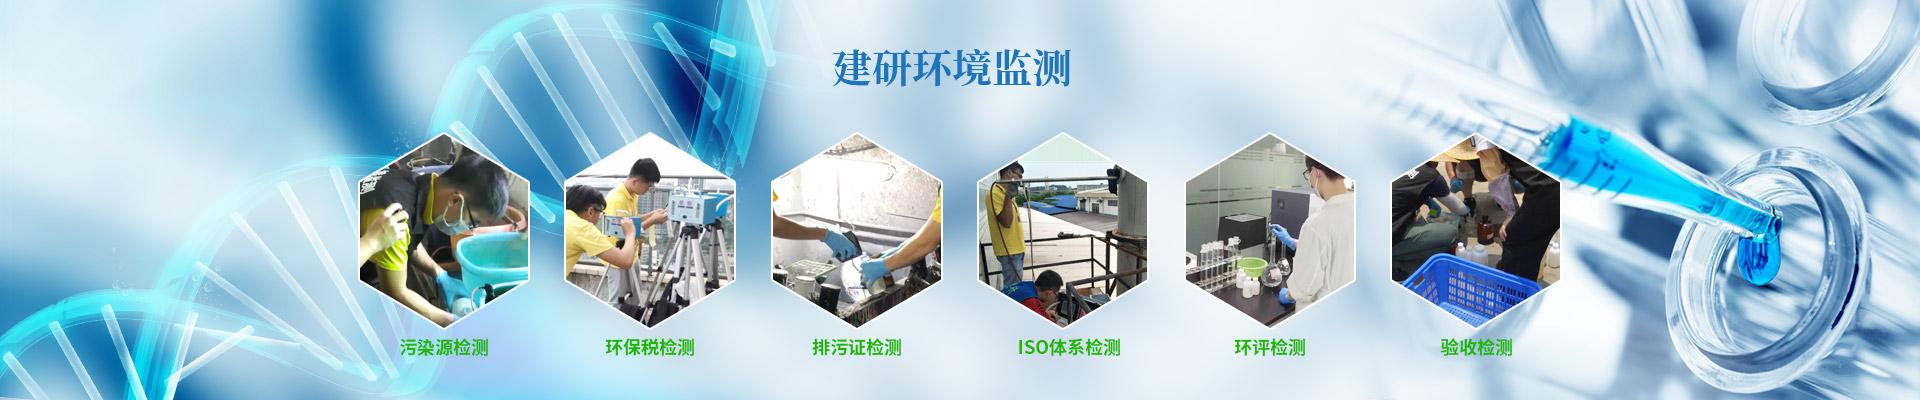 建研环境监测  污染源检测、环保税检测、排污证检测、ISO体系检测、环评检测、验收检测